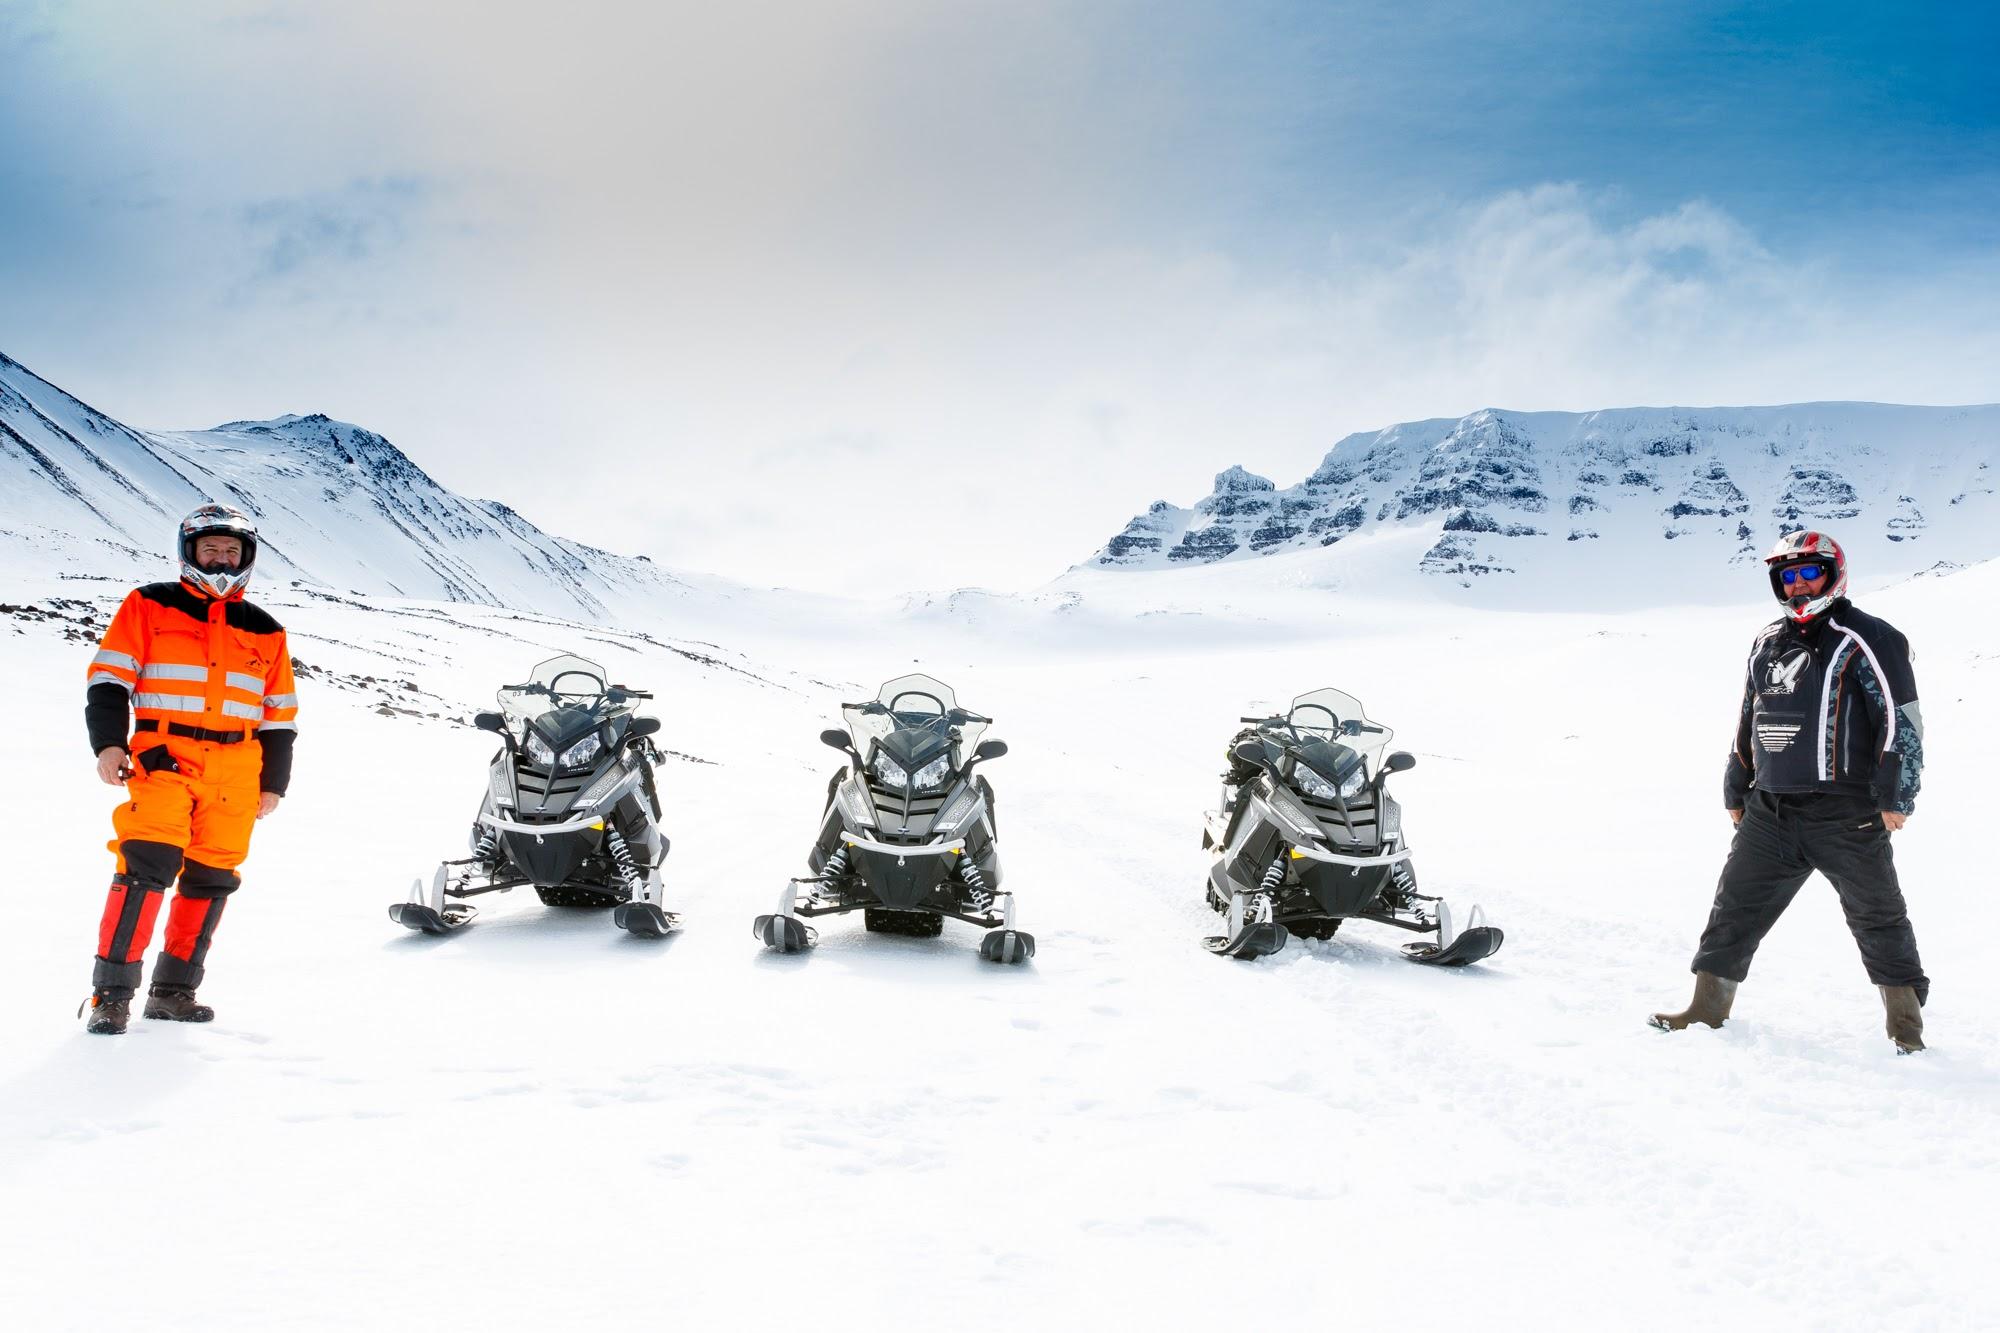 北部的极致冬景是进行雪地摩托这项极限运动的绝佳背景